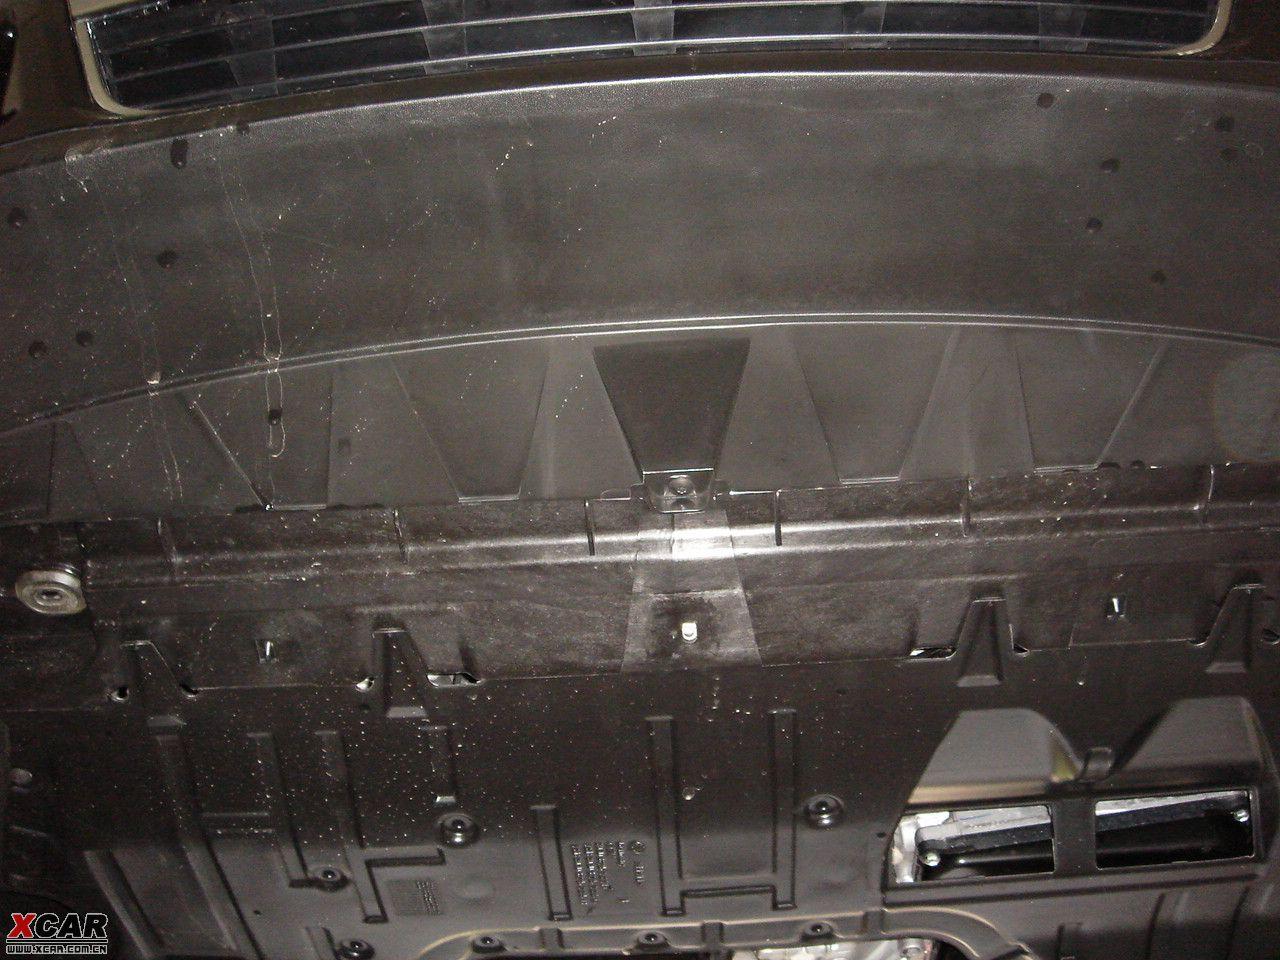 迈腾1.8t底盘实拍 迈腾论坛 xcar 爱卡汽车俱乐部高清图片